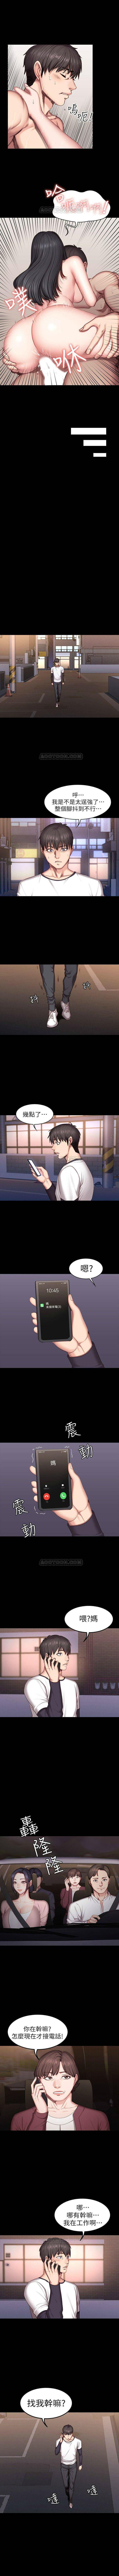 (週3)健身教練 1-37 中文翻譯 (更新中) 204